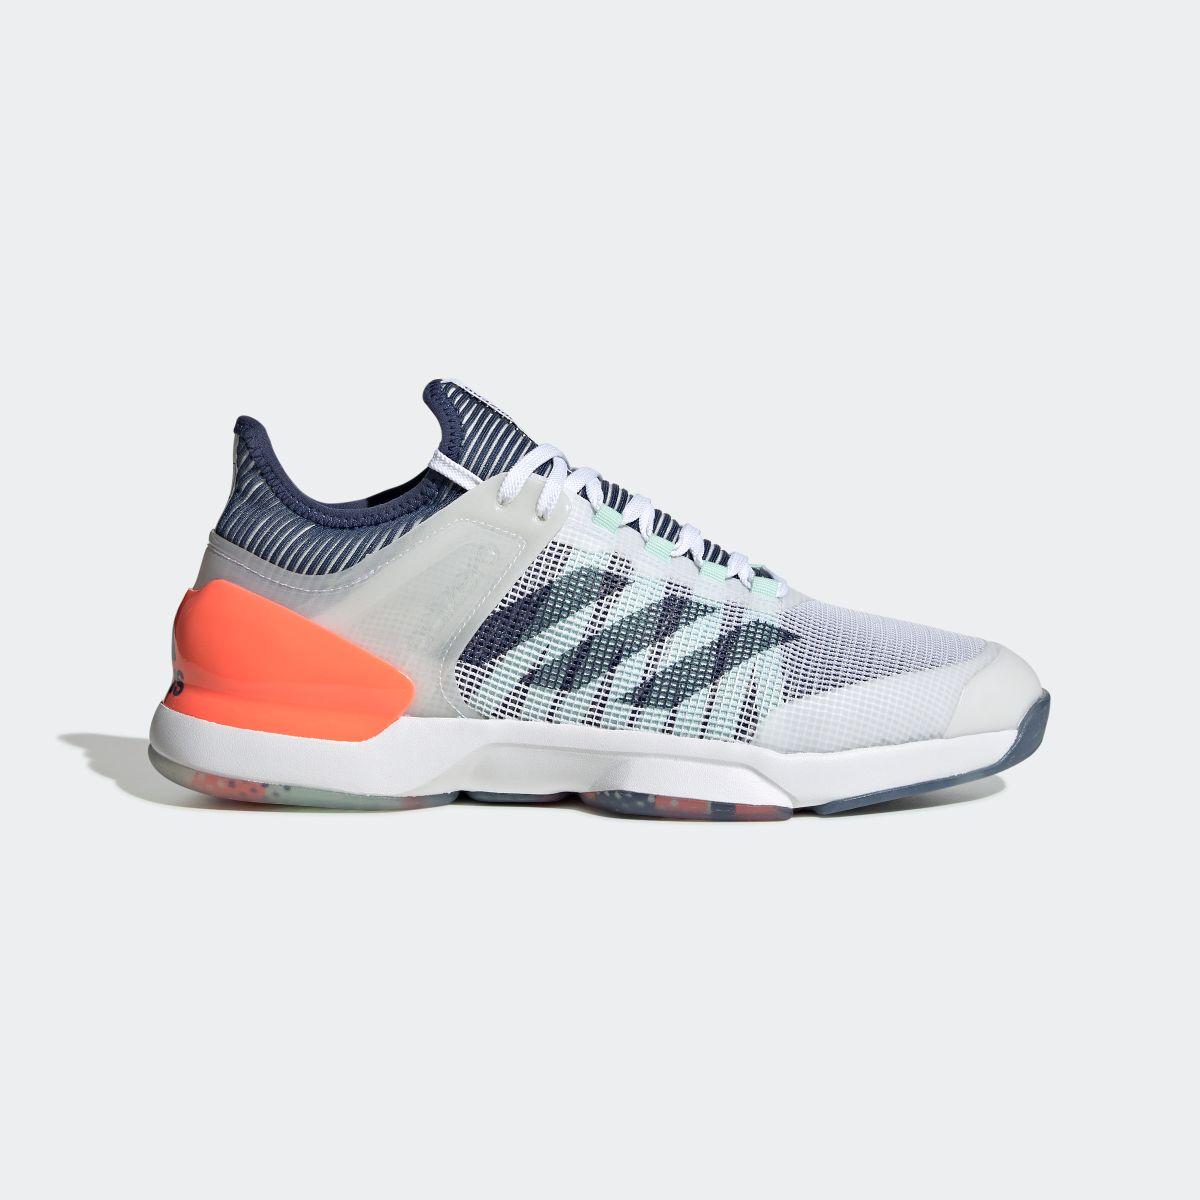 【公式】アディダス adidas アディゼロ ウーバーソニック 2 [adizero ubersonic 2 AC] メンズ テニス シューズ スポーツシューズ FU9468 p0525